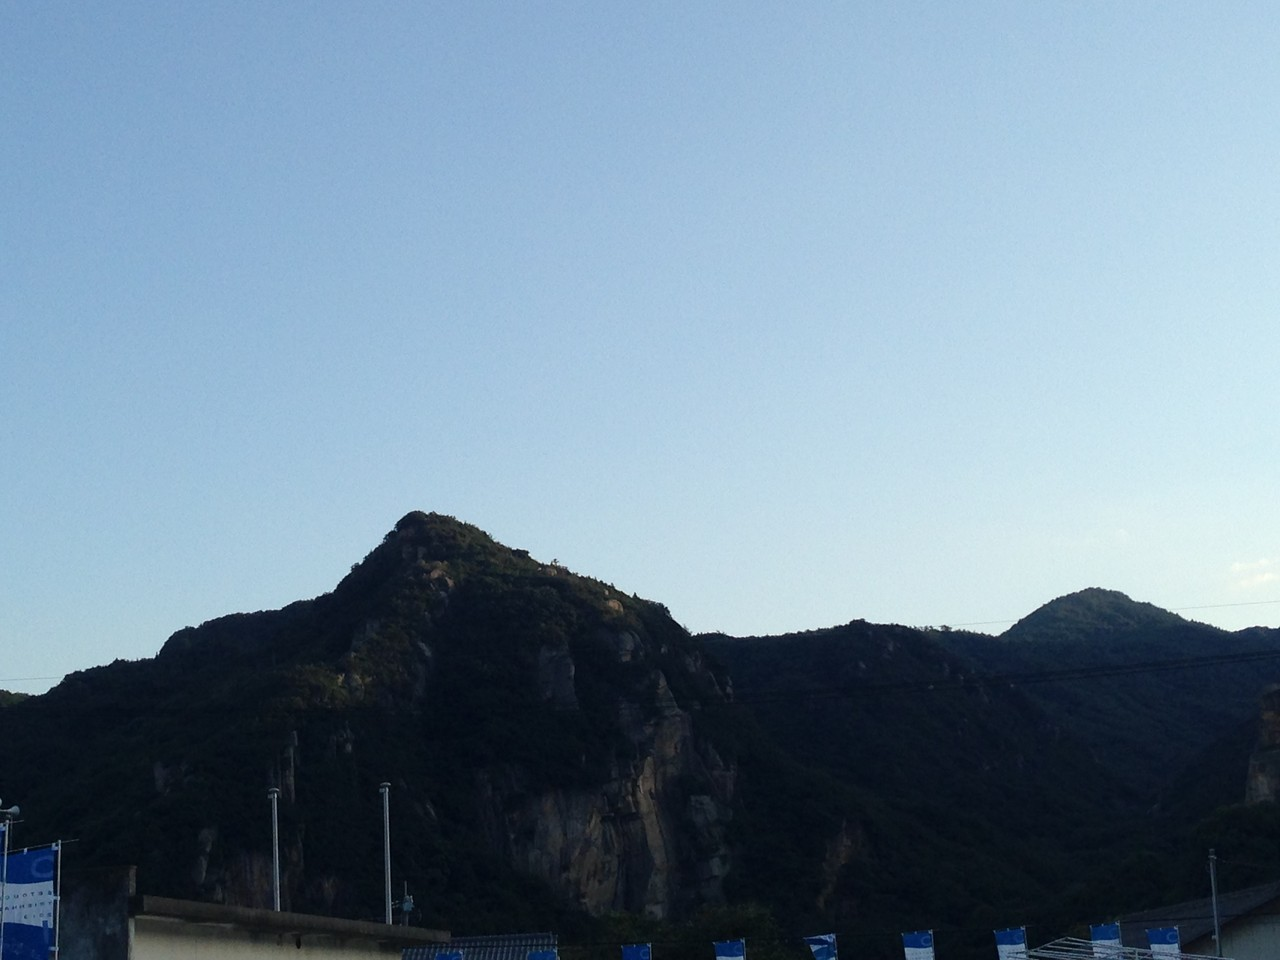 福武ハウスの向かいにある山。福武ハウス撮れよっていう。